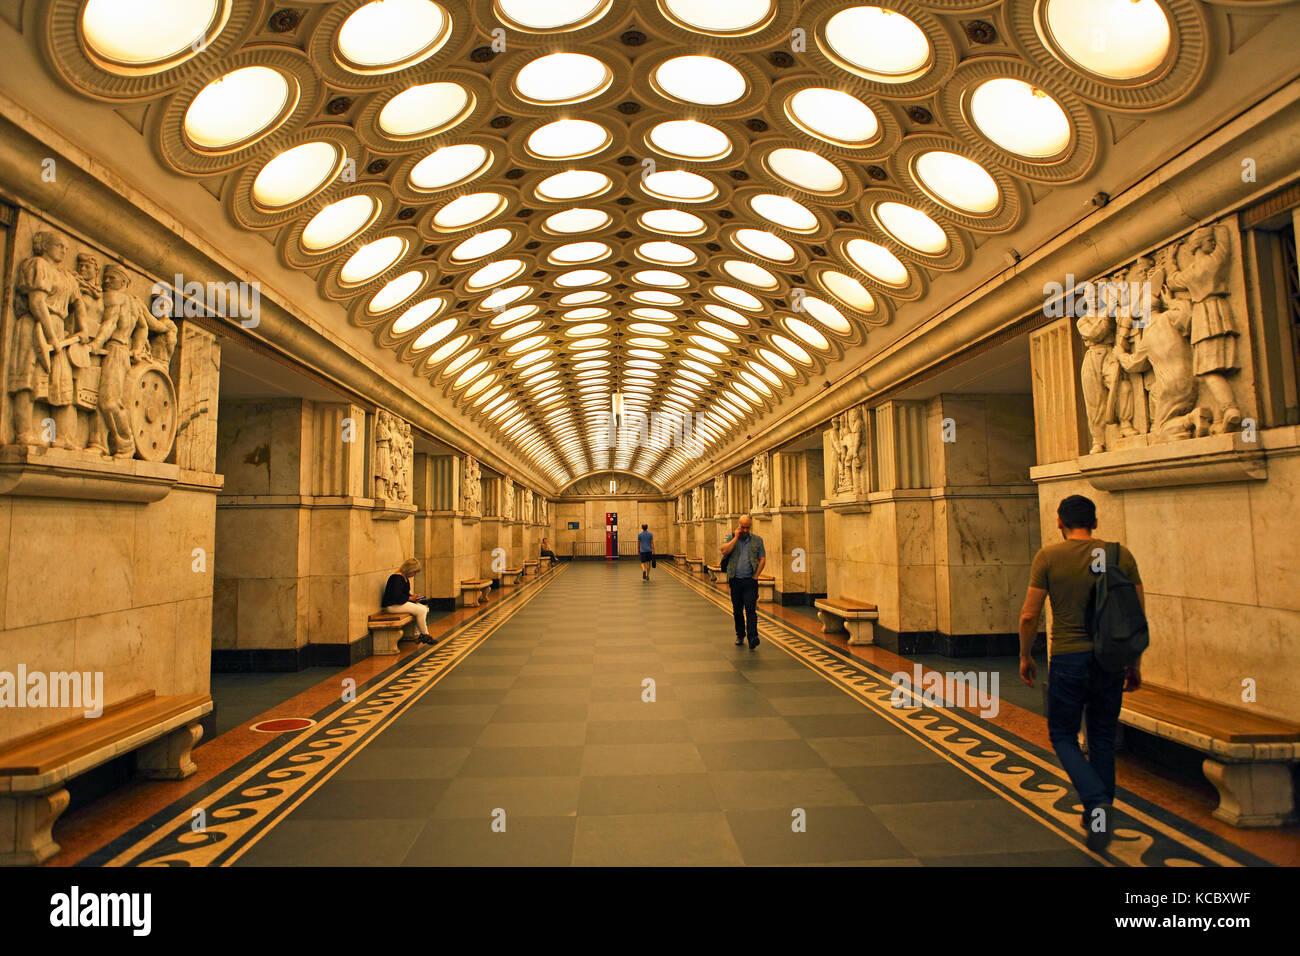 Moscow Metro Train Stock Photos & Moscow Metro Train Stock Images - Alamy